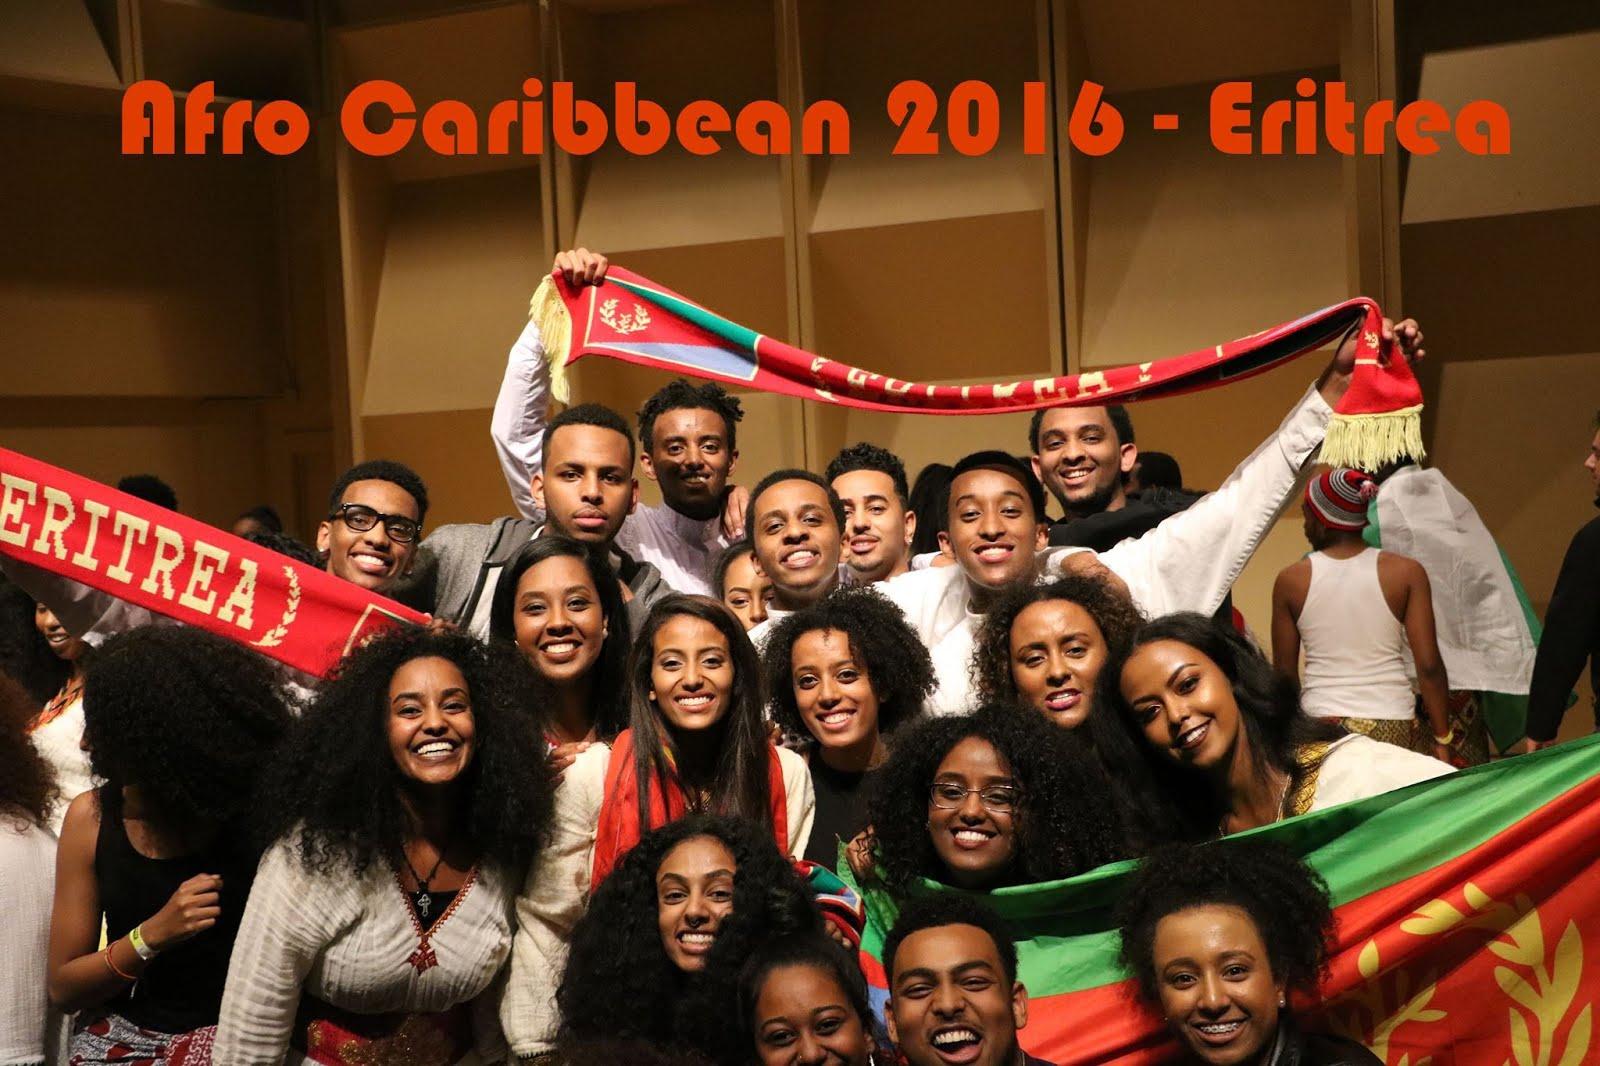 http://3.bp.blogspot.com/-J4a6ydz62BY/V0P3afkYxlI/AAAAAAAAR1E/Sc8UcOA0wnIaDLGNJx4mi8m6w91HMlFmwCK4B/s1600/Eritrea%2Bseattle%2Bafro%2Bcaribbean%2B2016.jpg